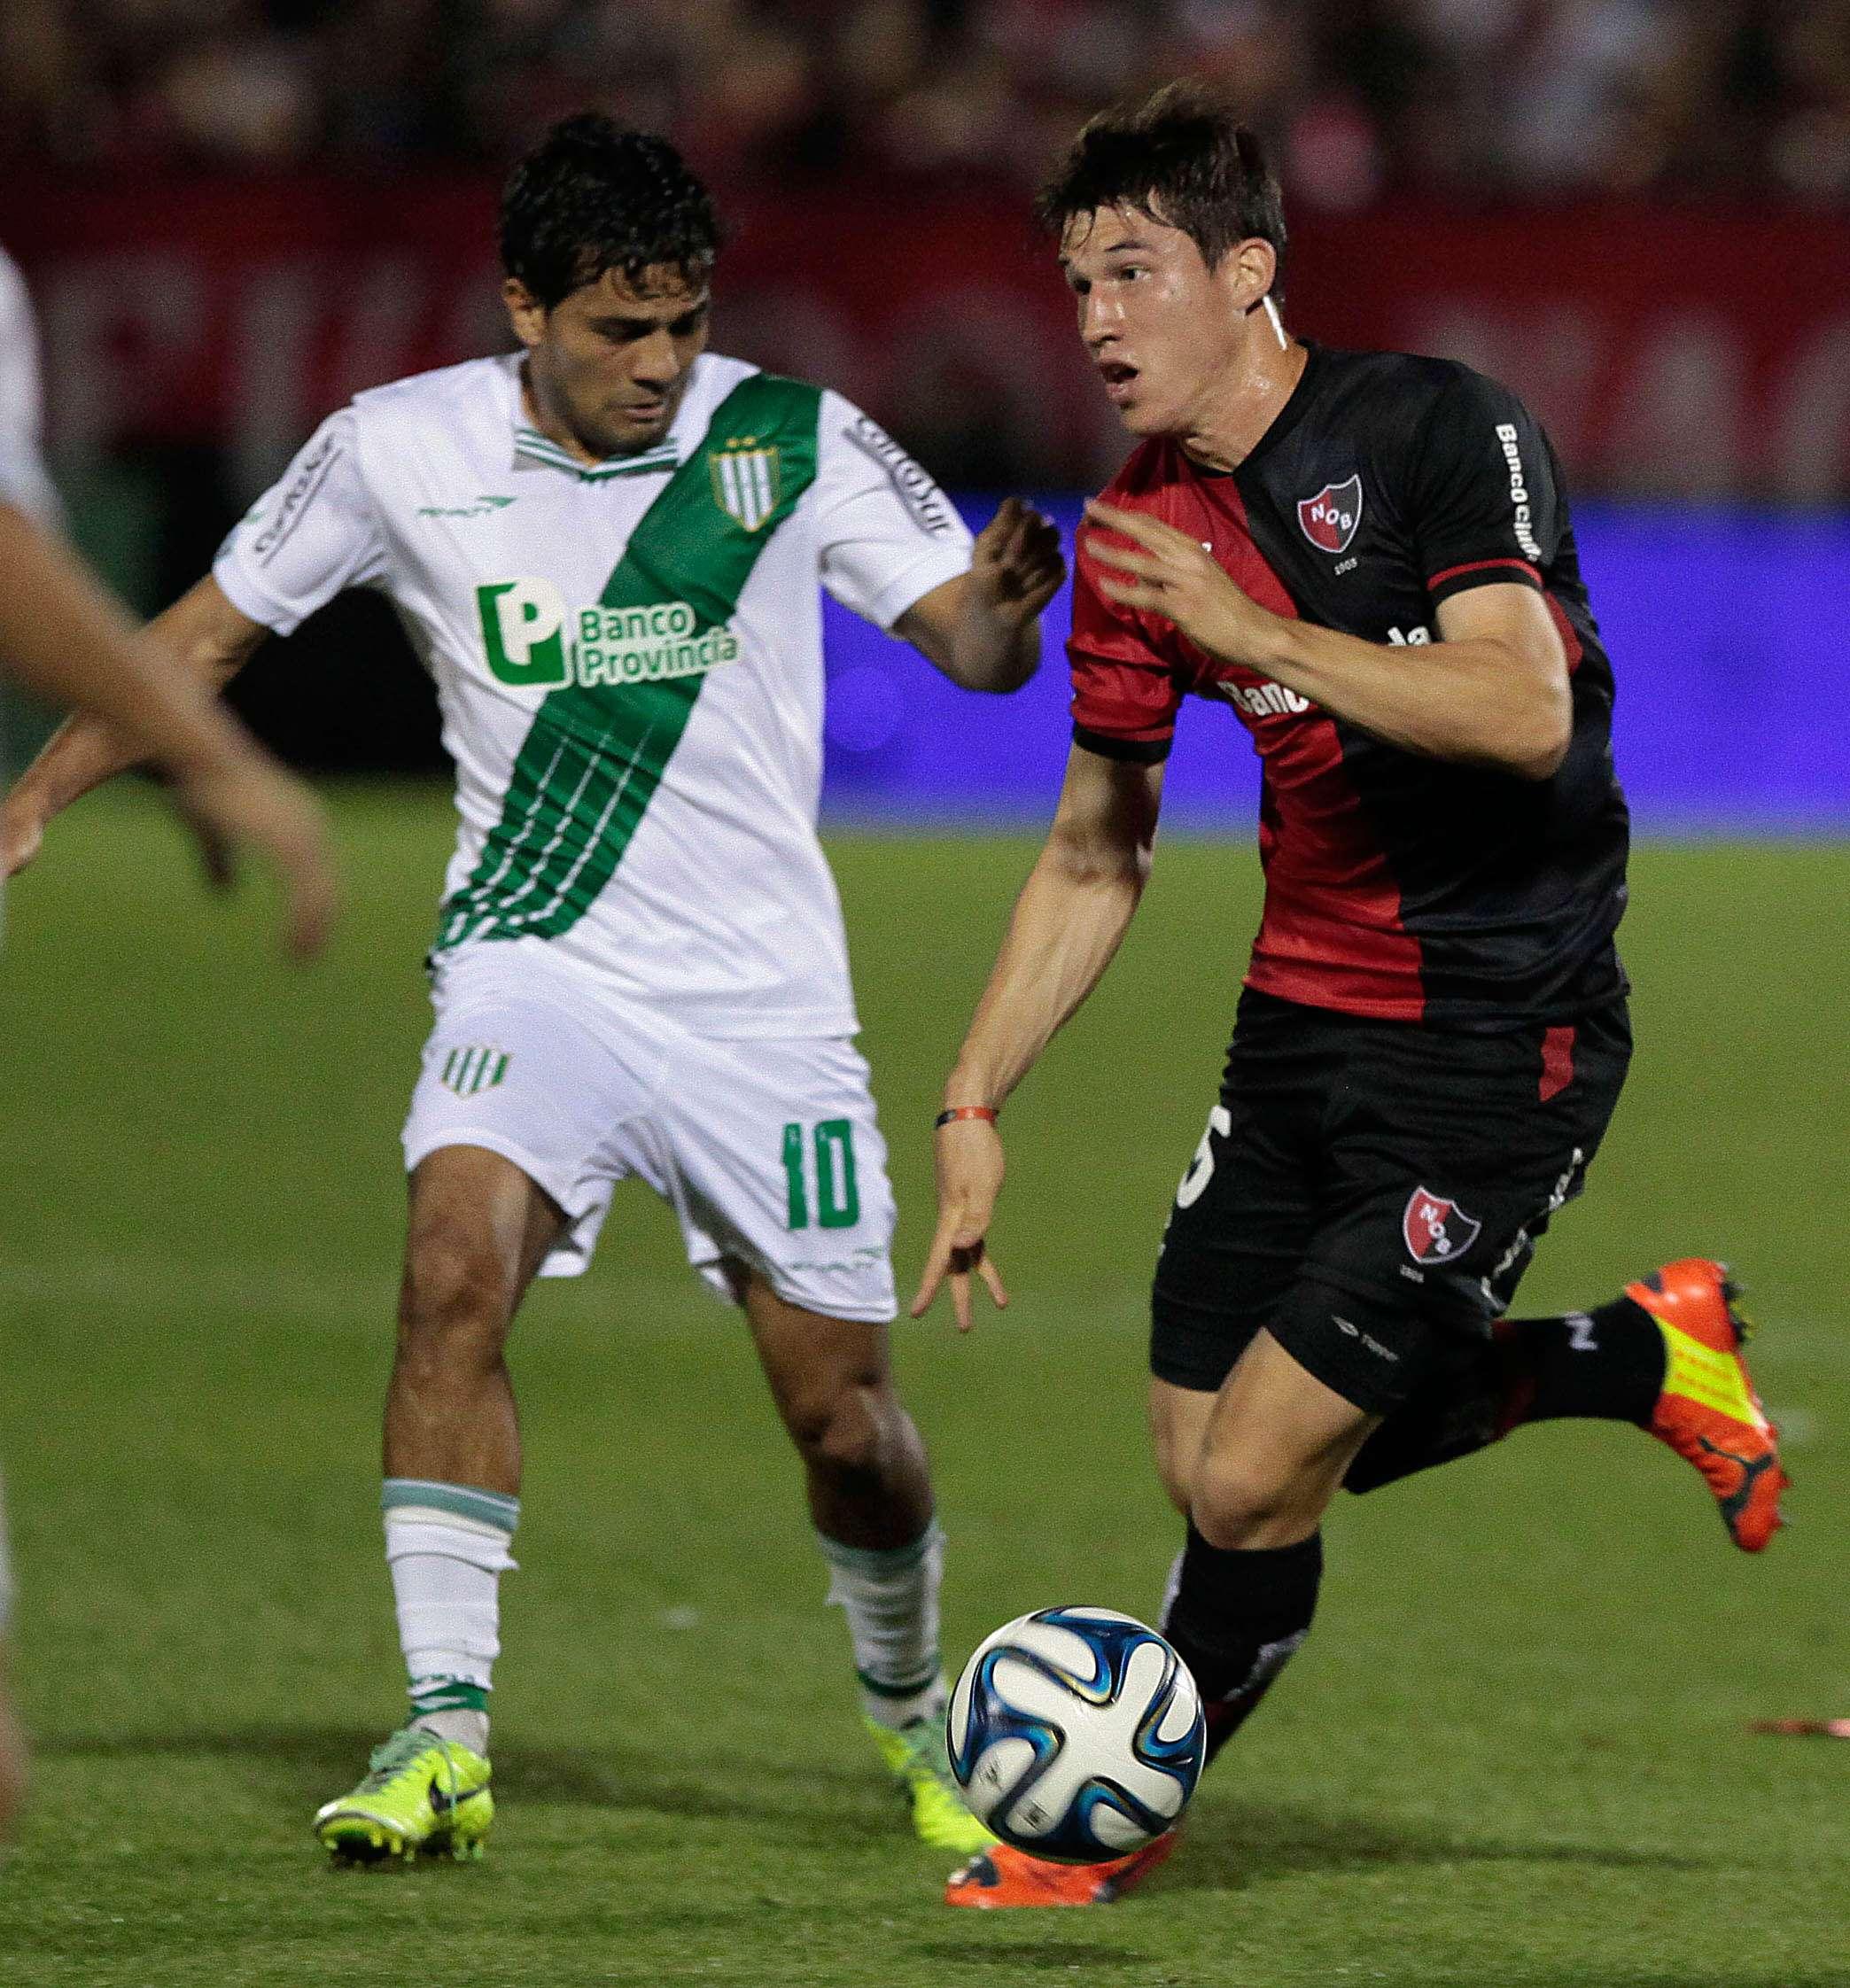 Banfield goleó a Newell's en Rosario Foto: NA